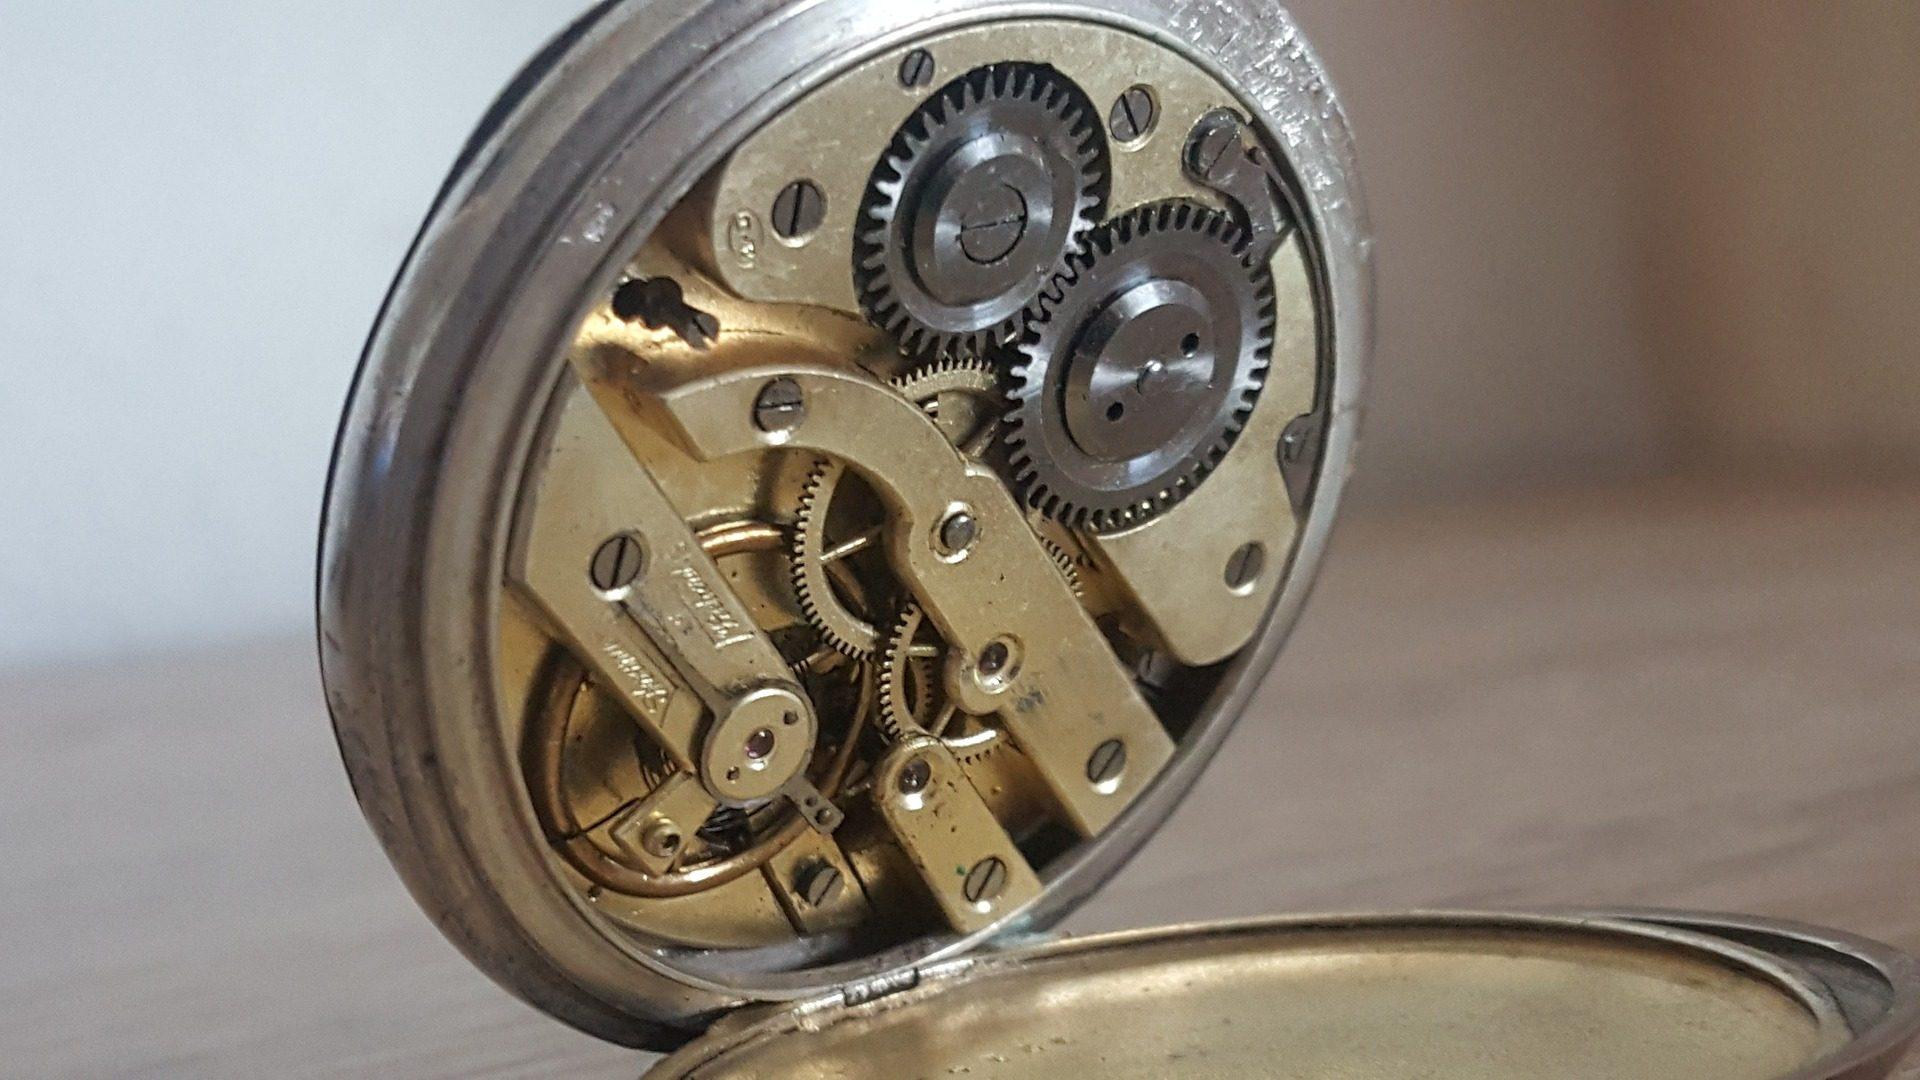 Orologio, tempo, meccanismo di, Ingranaggi, metallo - Sfondi HD - Professor-falken.com